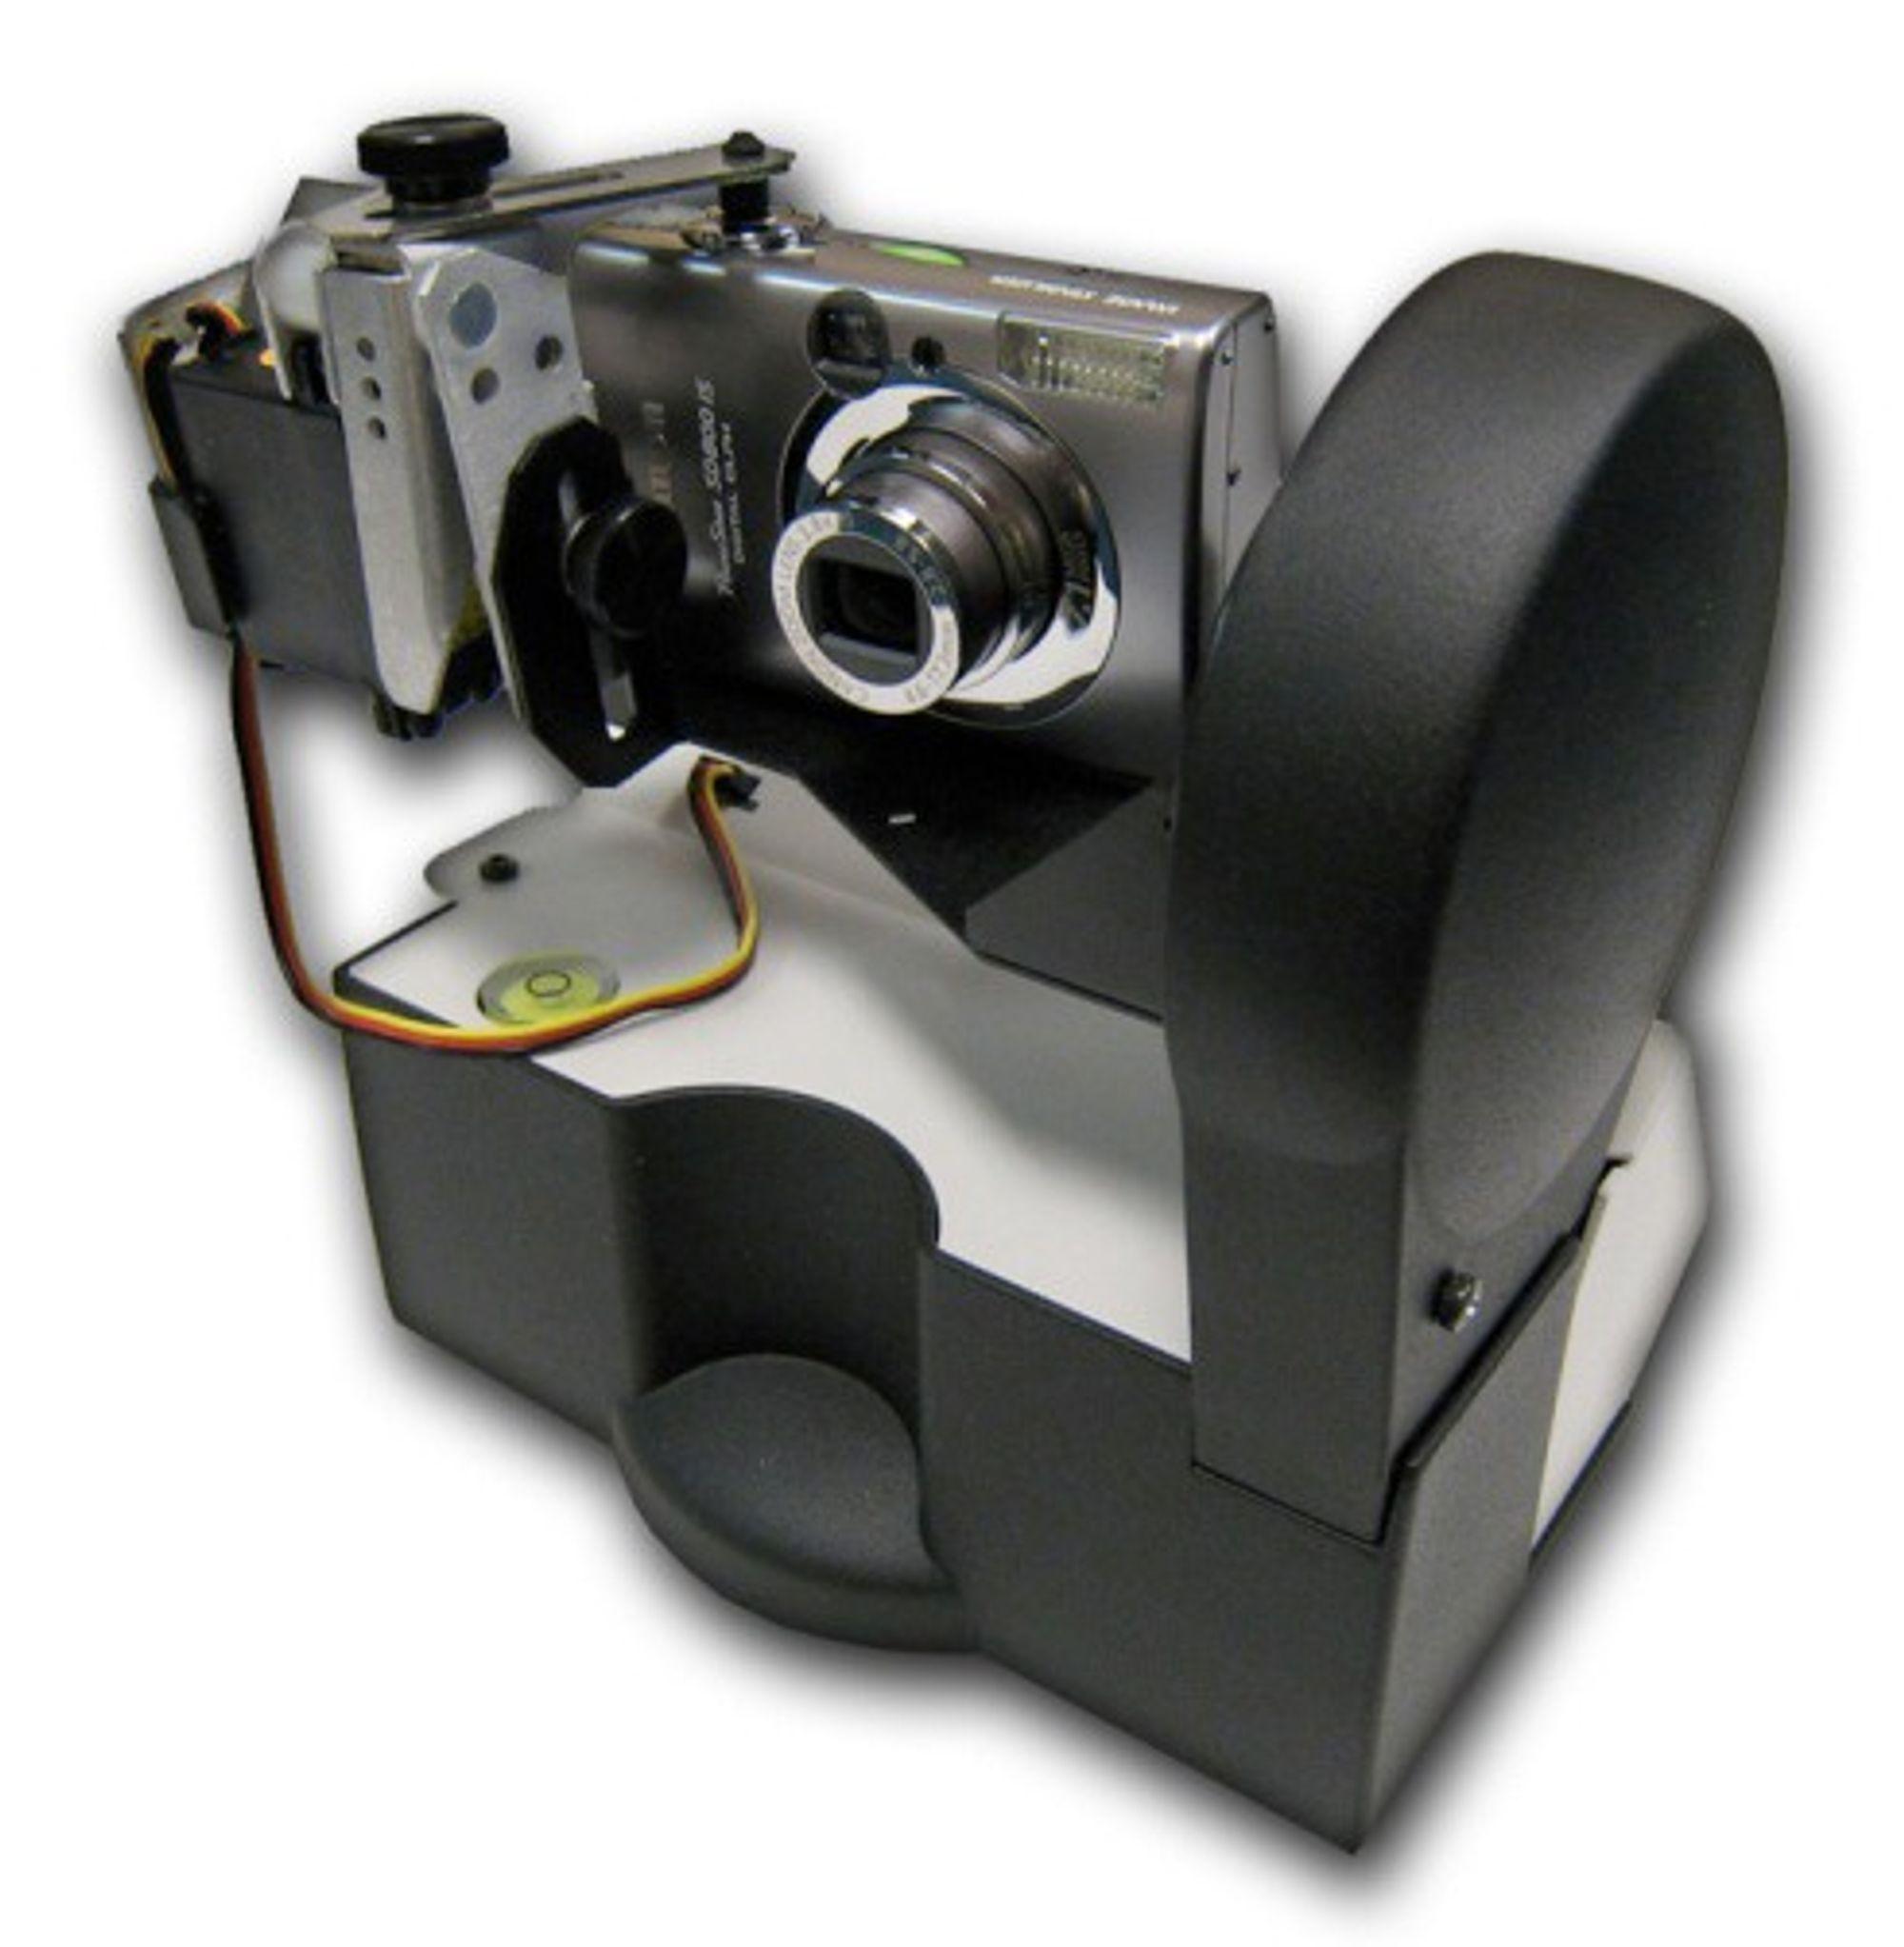 GigaPan Imager med kamera